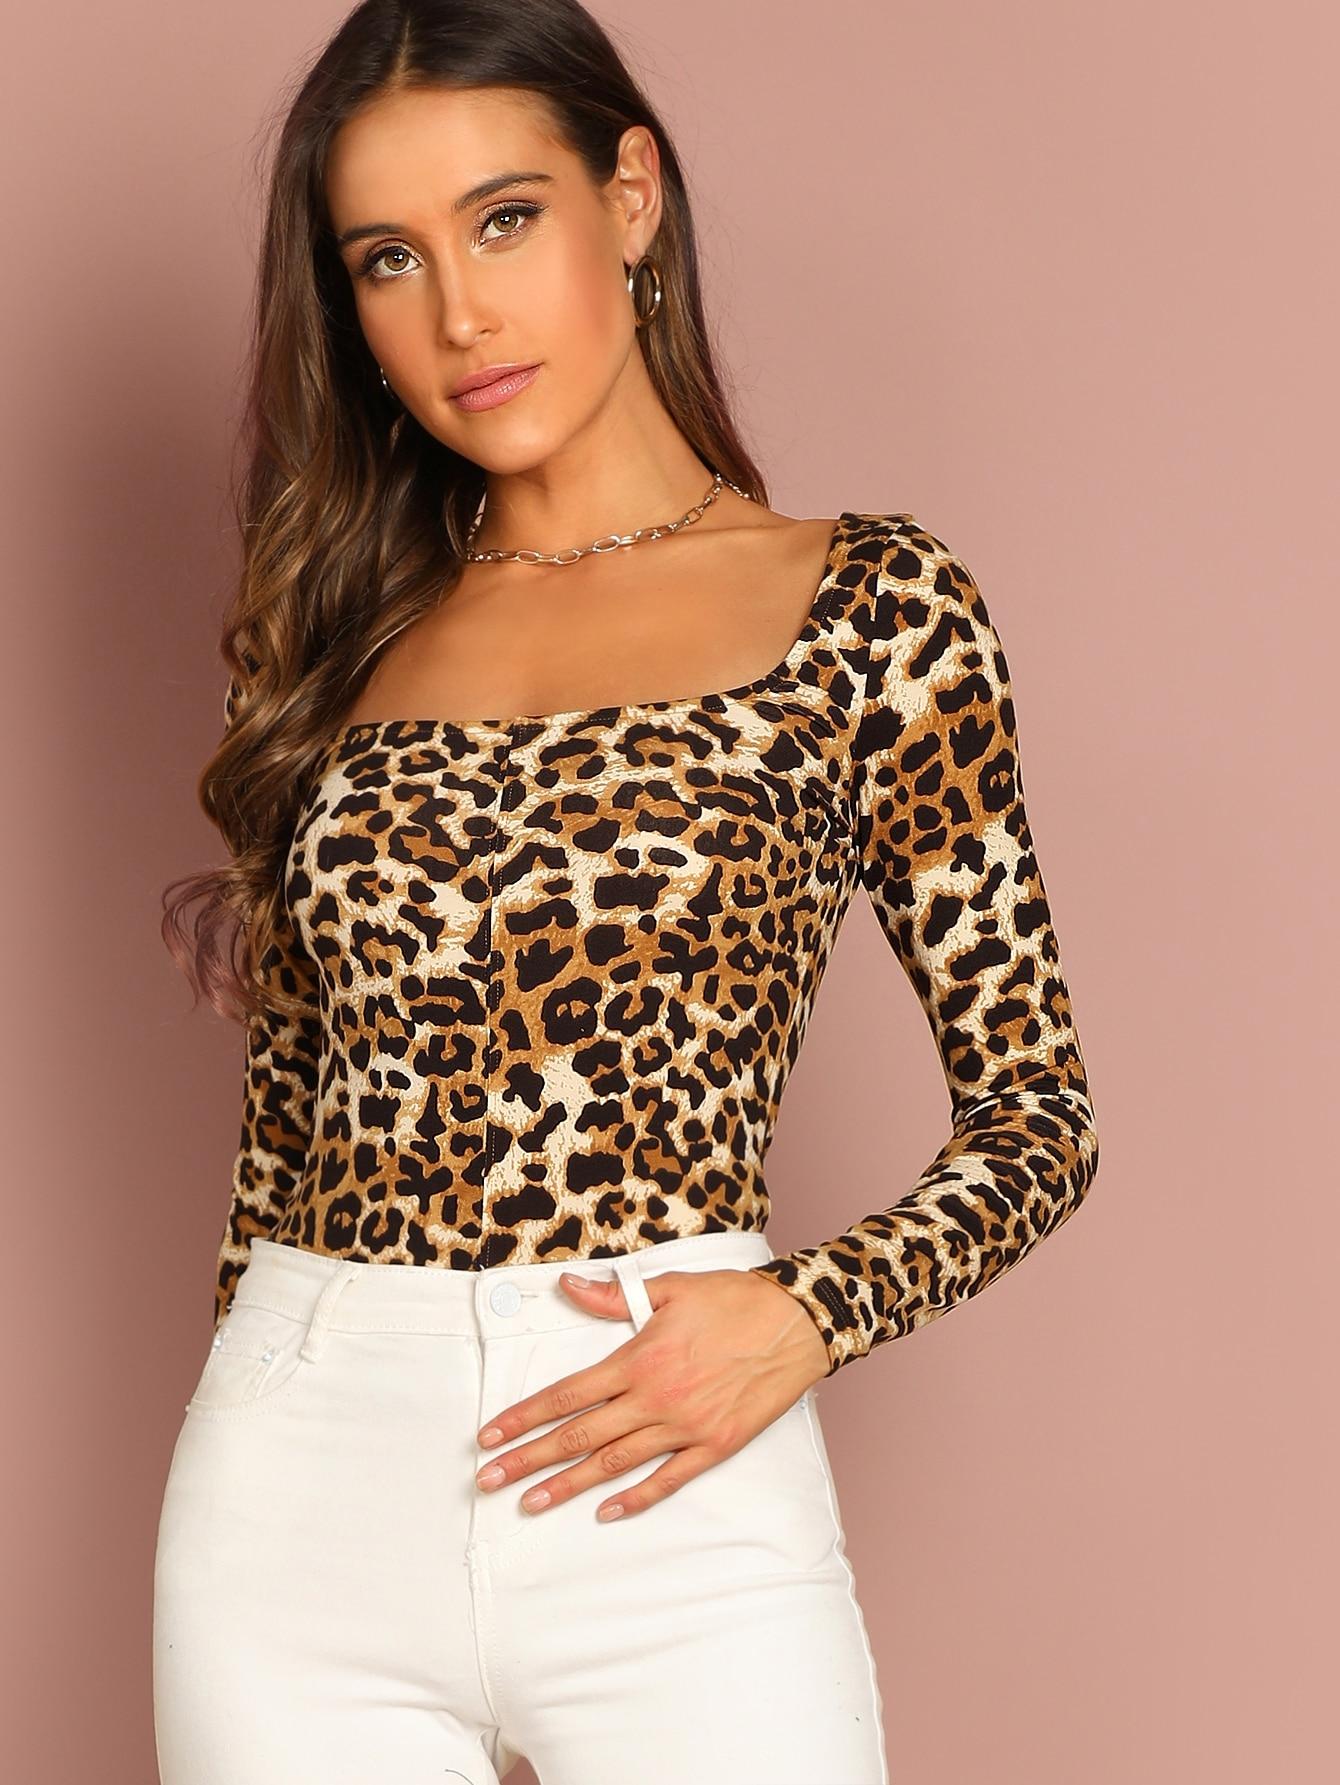 Купить Леопардовая футболка с квадратным воротником, Anna Herrin, SheIn